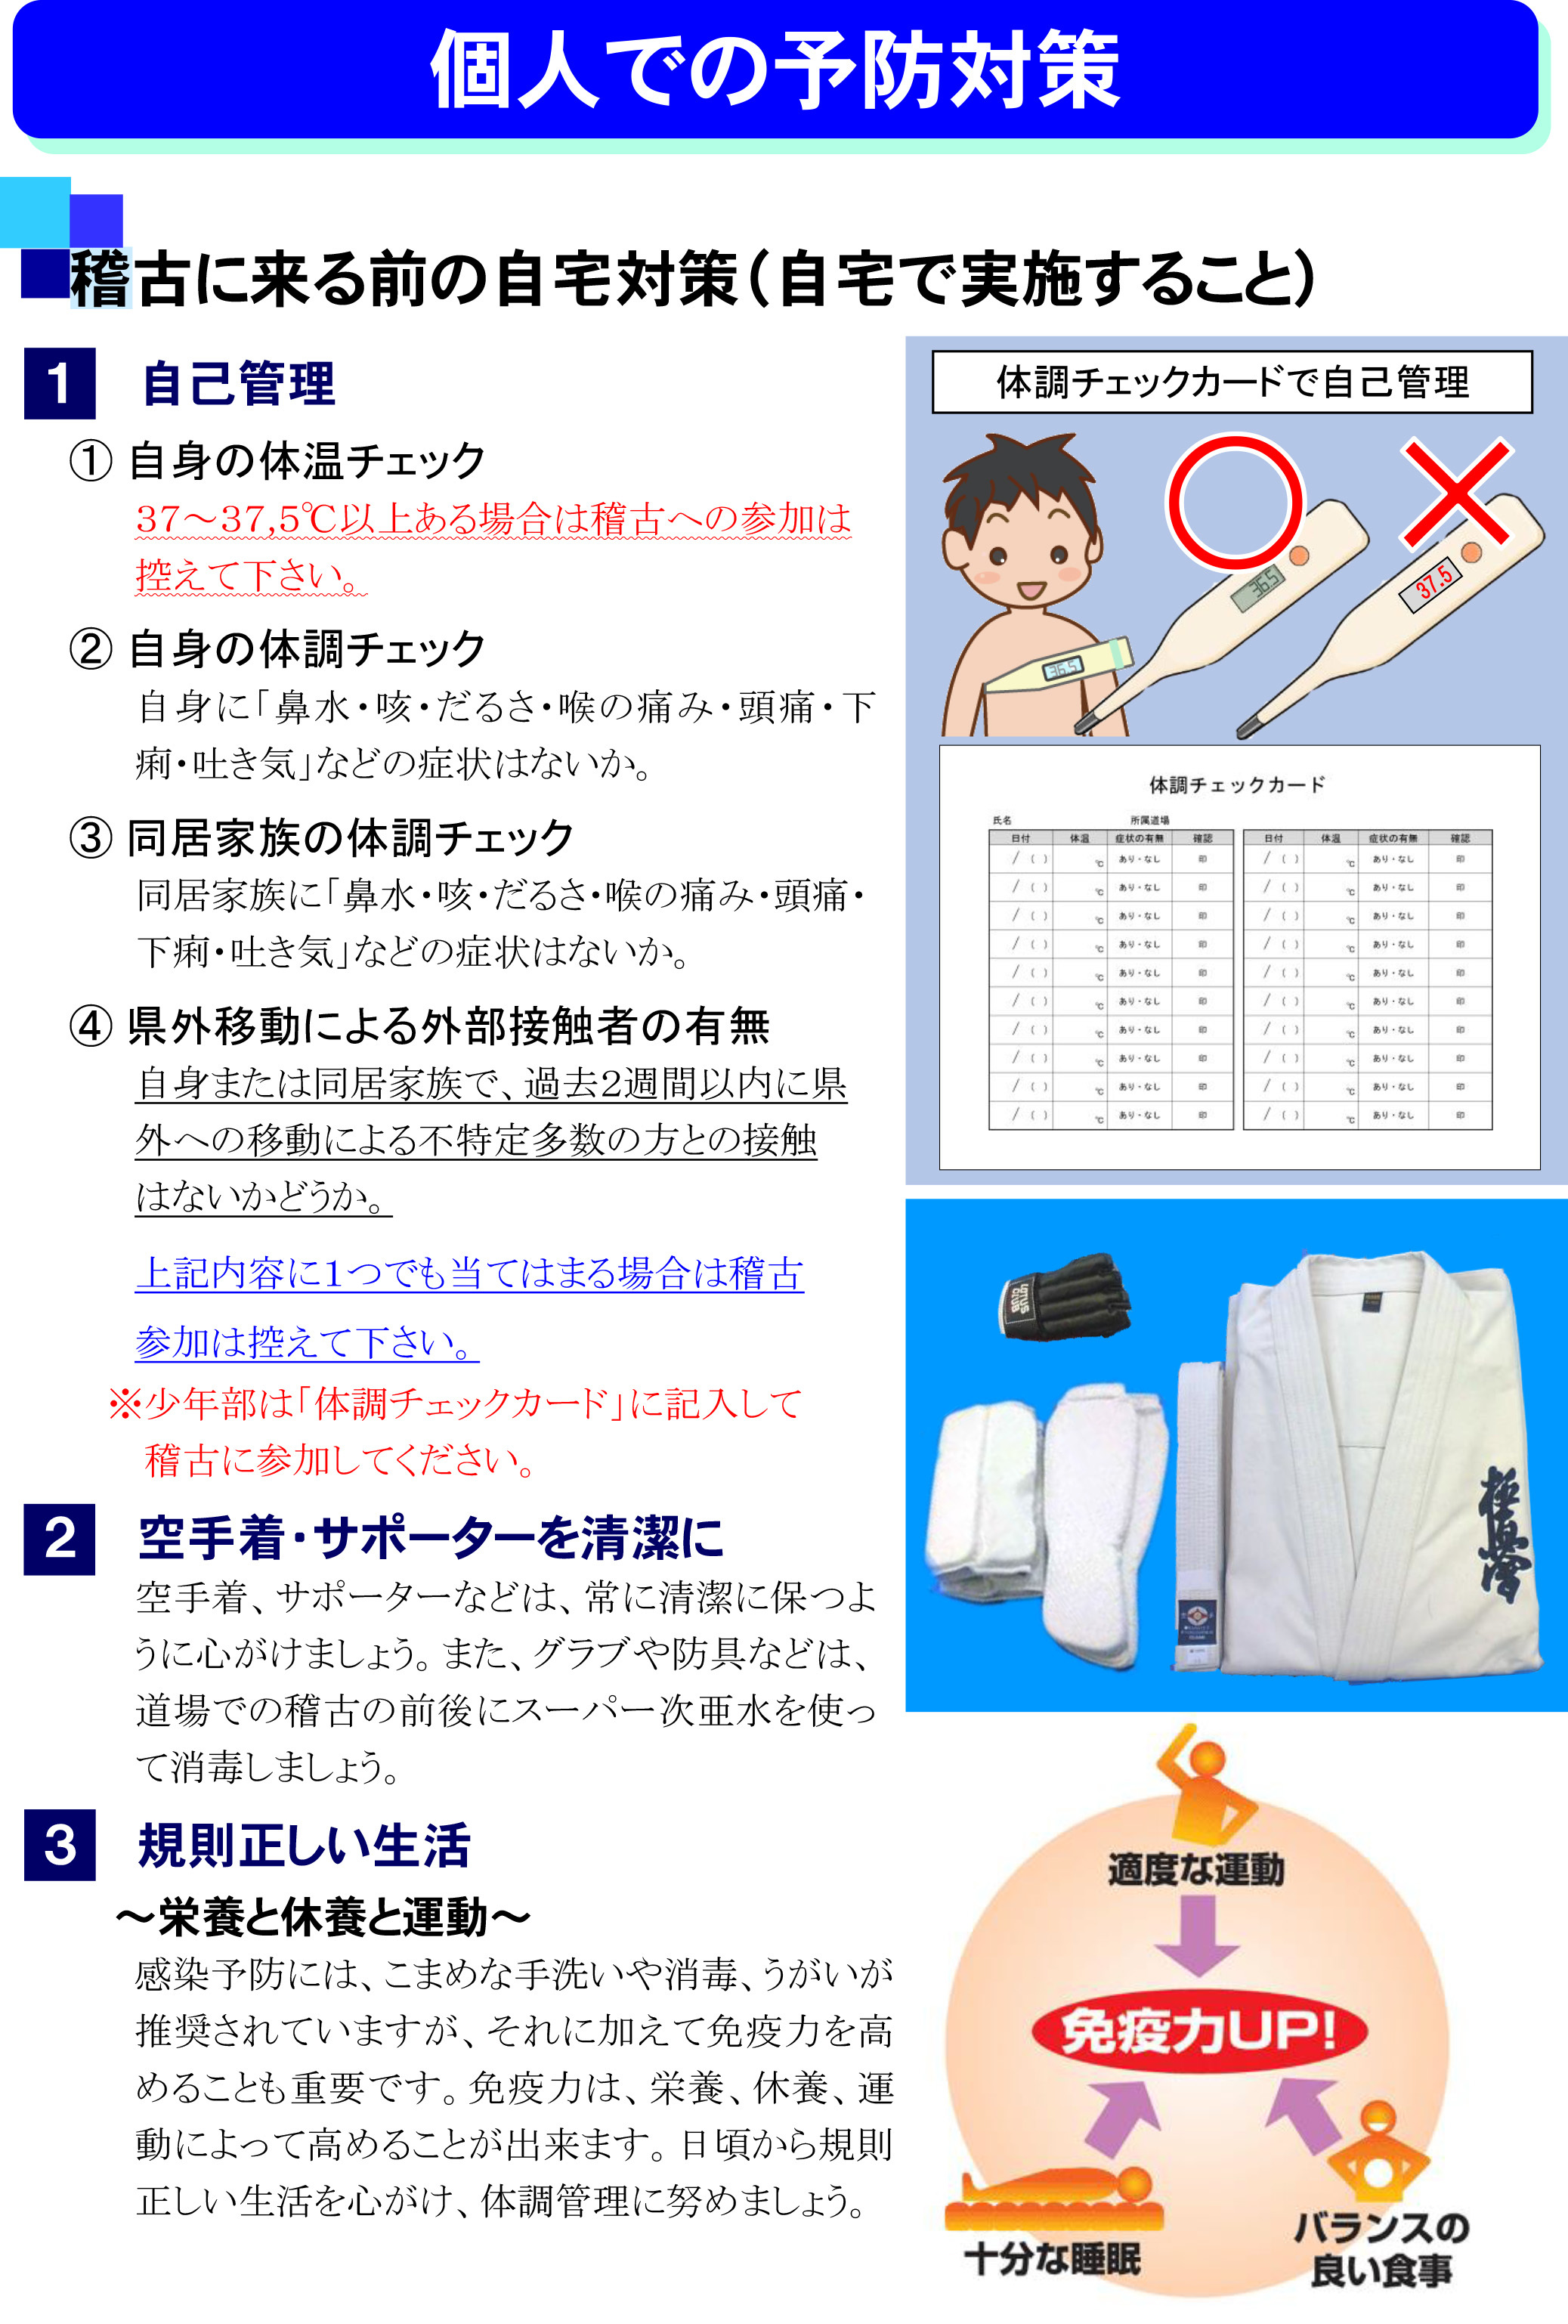 新型コロナウィルス感染対策マニュアル-3